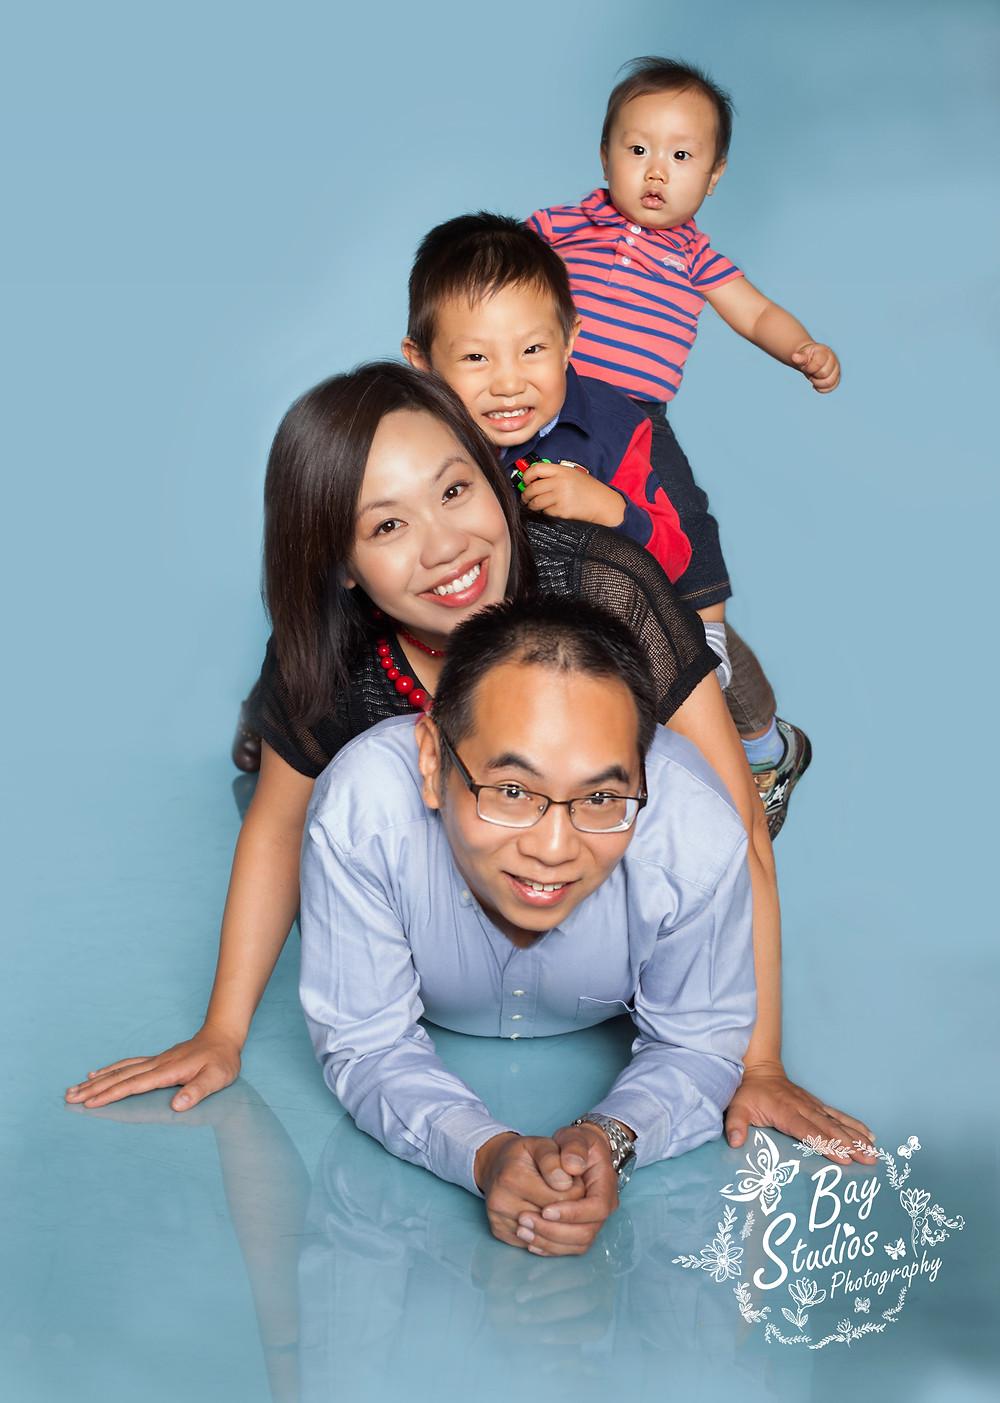 Familienfotograf- Babyfotograf-Babyfotografin - fotograf -fotografie - Aarau - Zürich -Basel - Bern - Luzern Baystudios